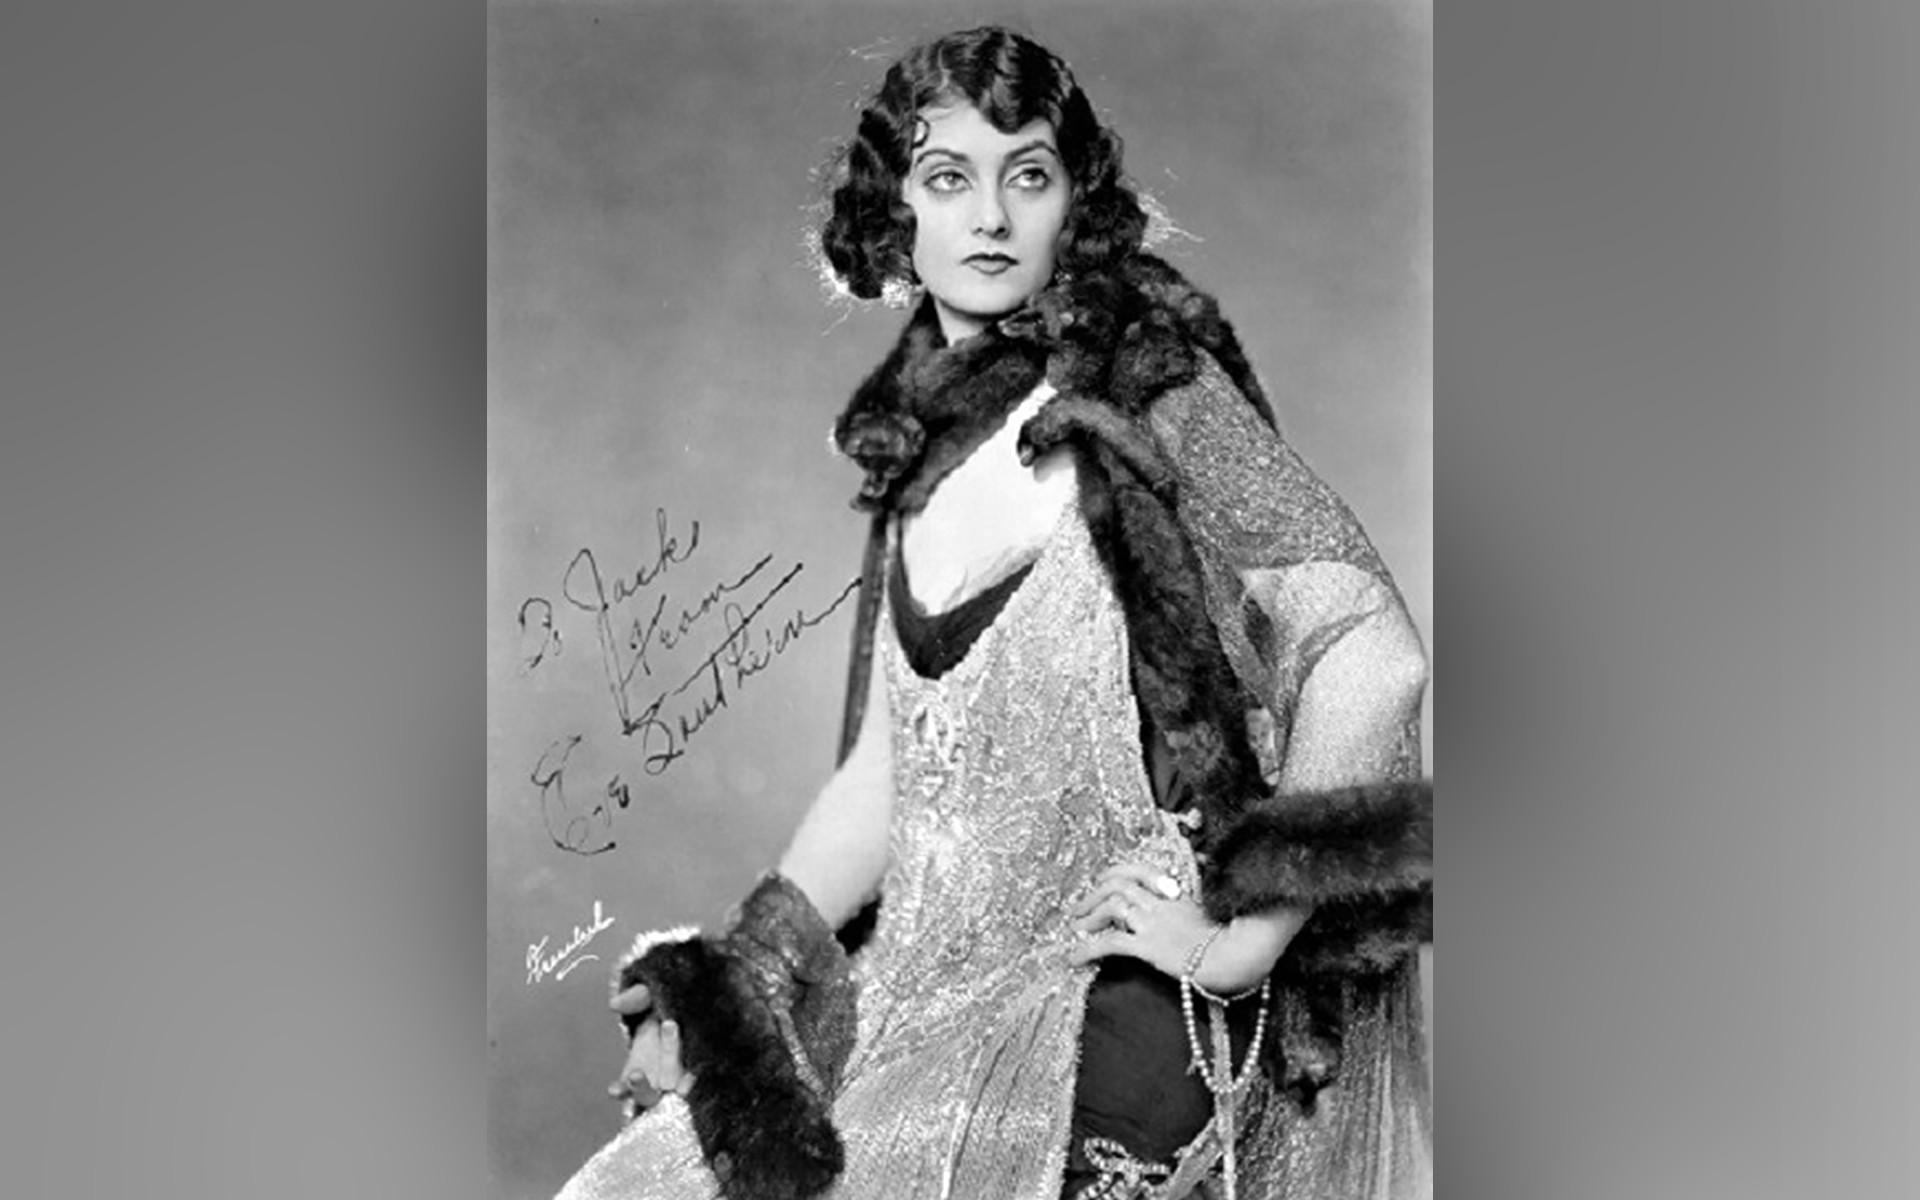 La actriz Eve Souther, que interpretó el papel de Anastasia en la película 'Las ropas hace la mujer'.